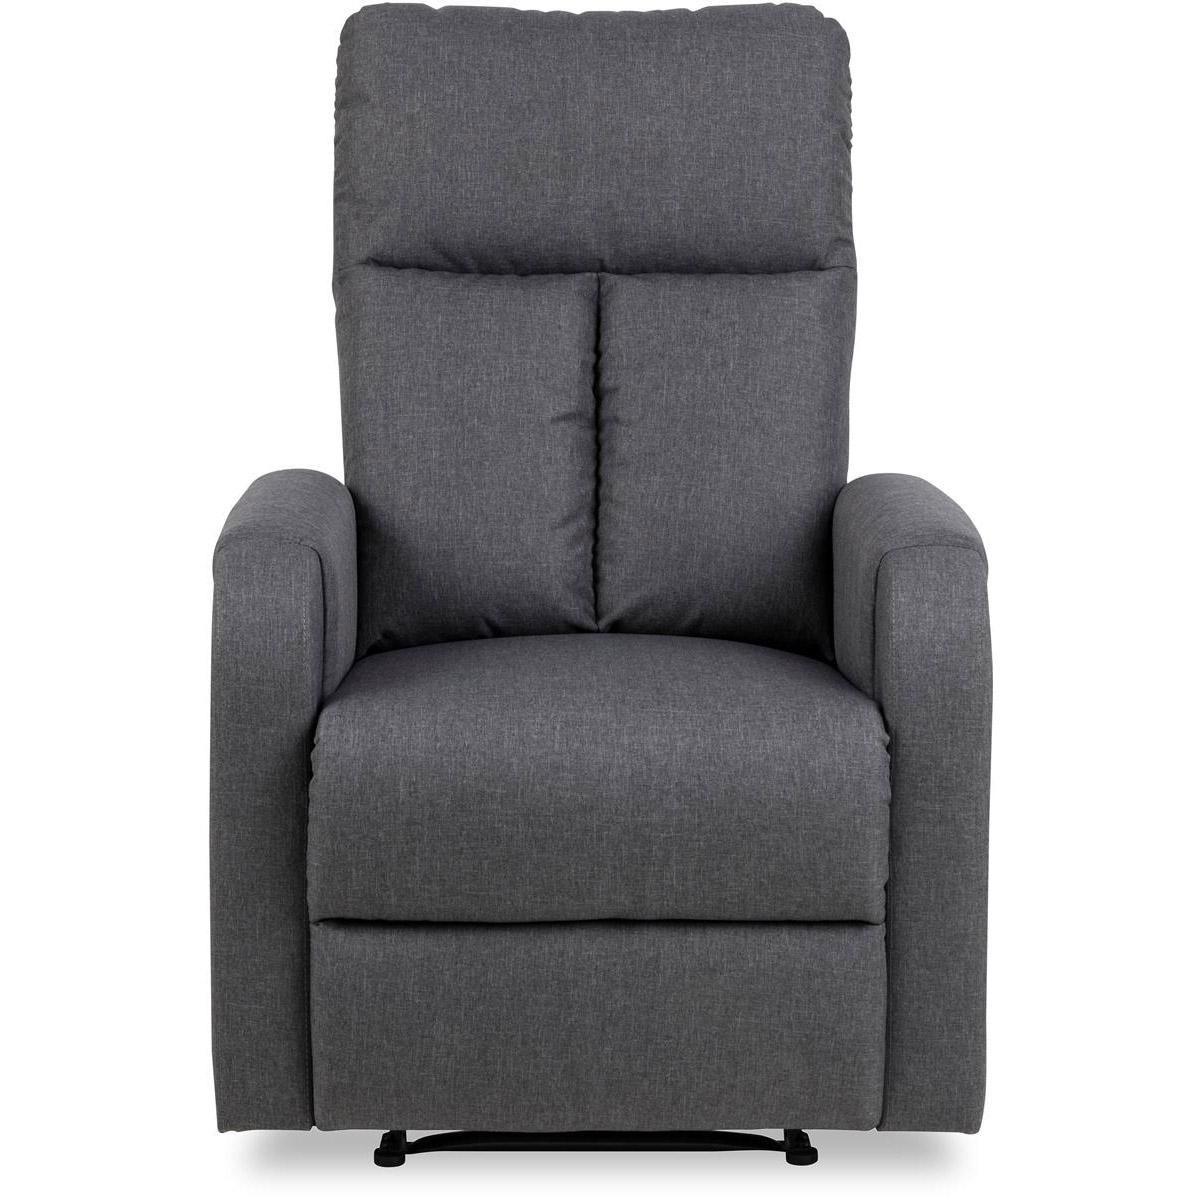 Dublin fåtölj recliner tyg grå fram